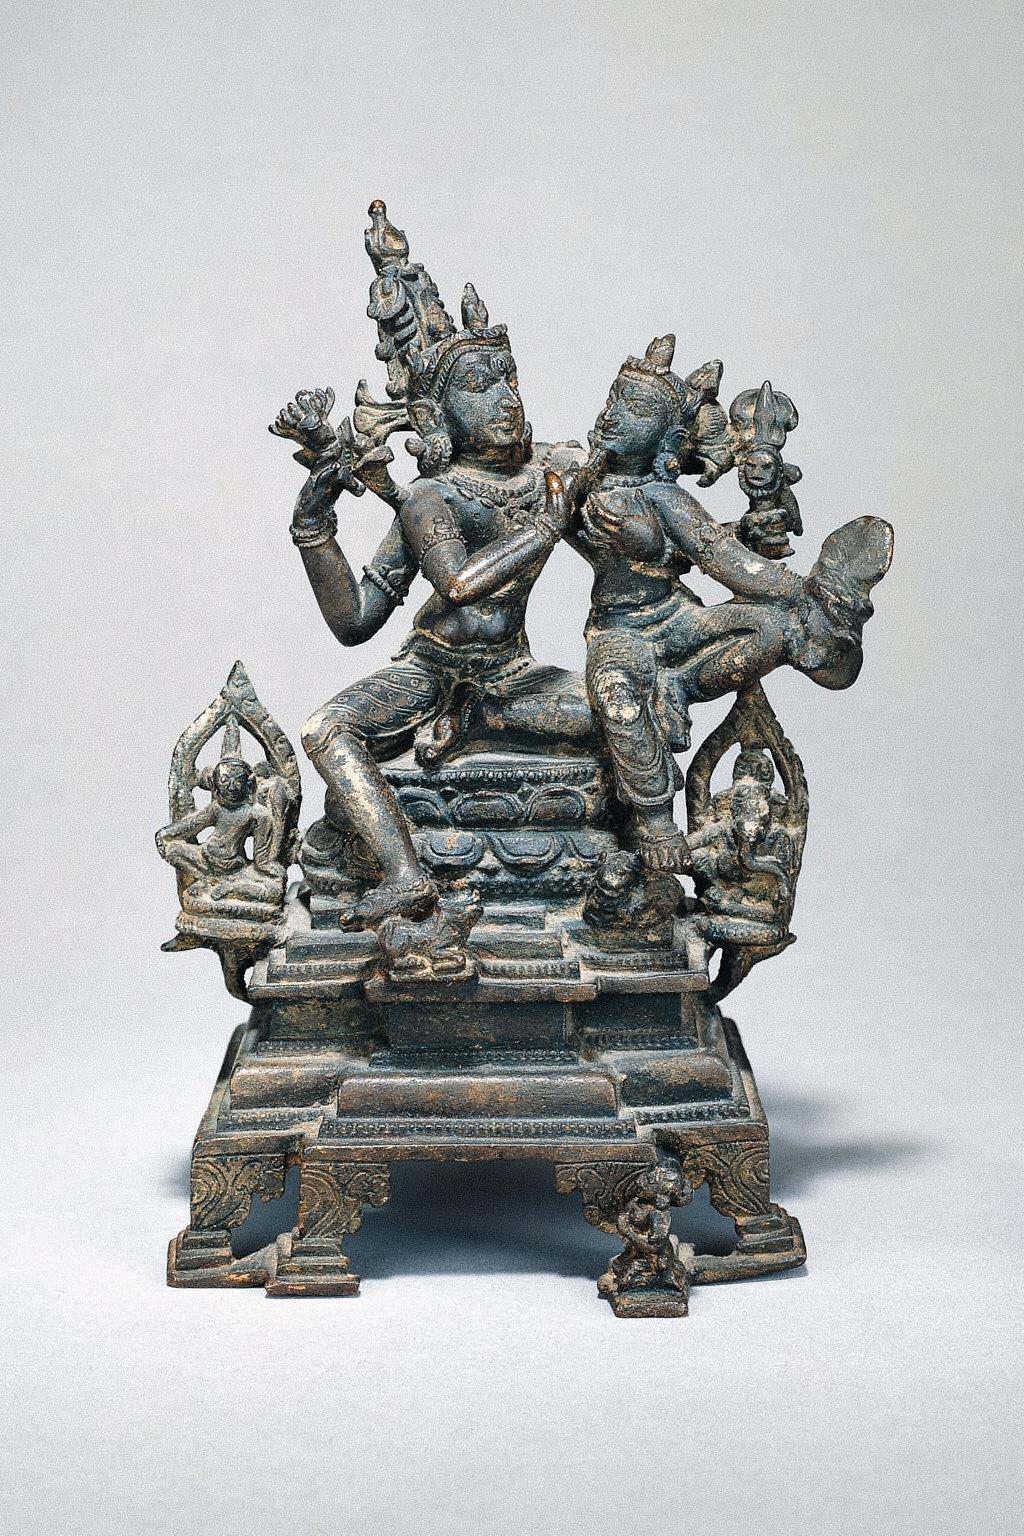 Shiva and Parvati (Uma-Maheshvara)